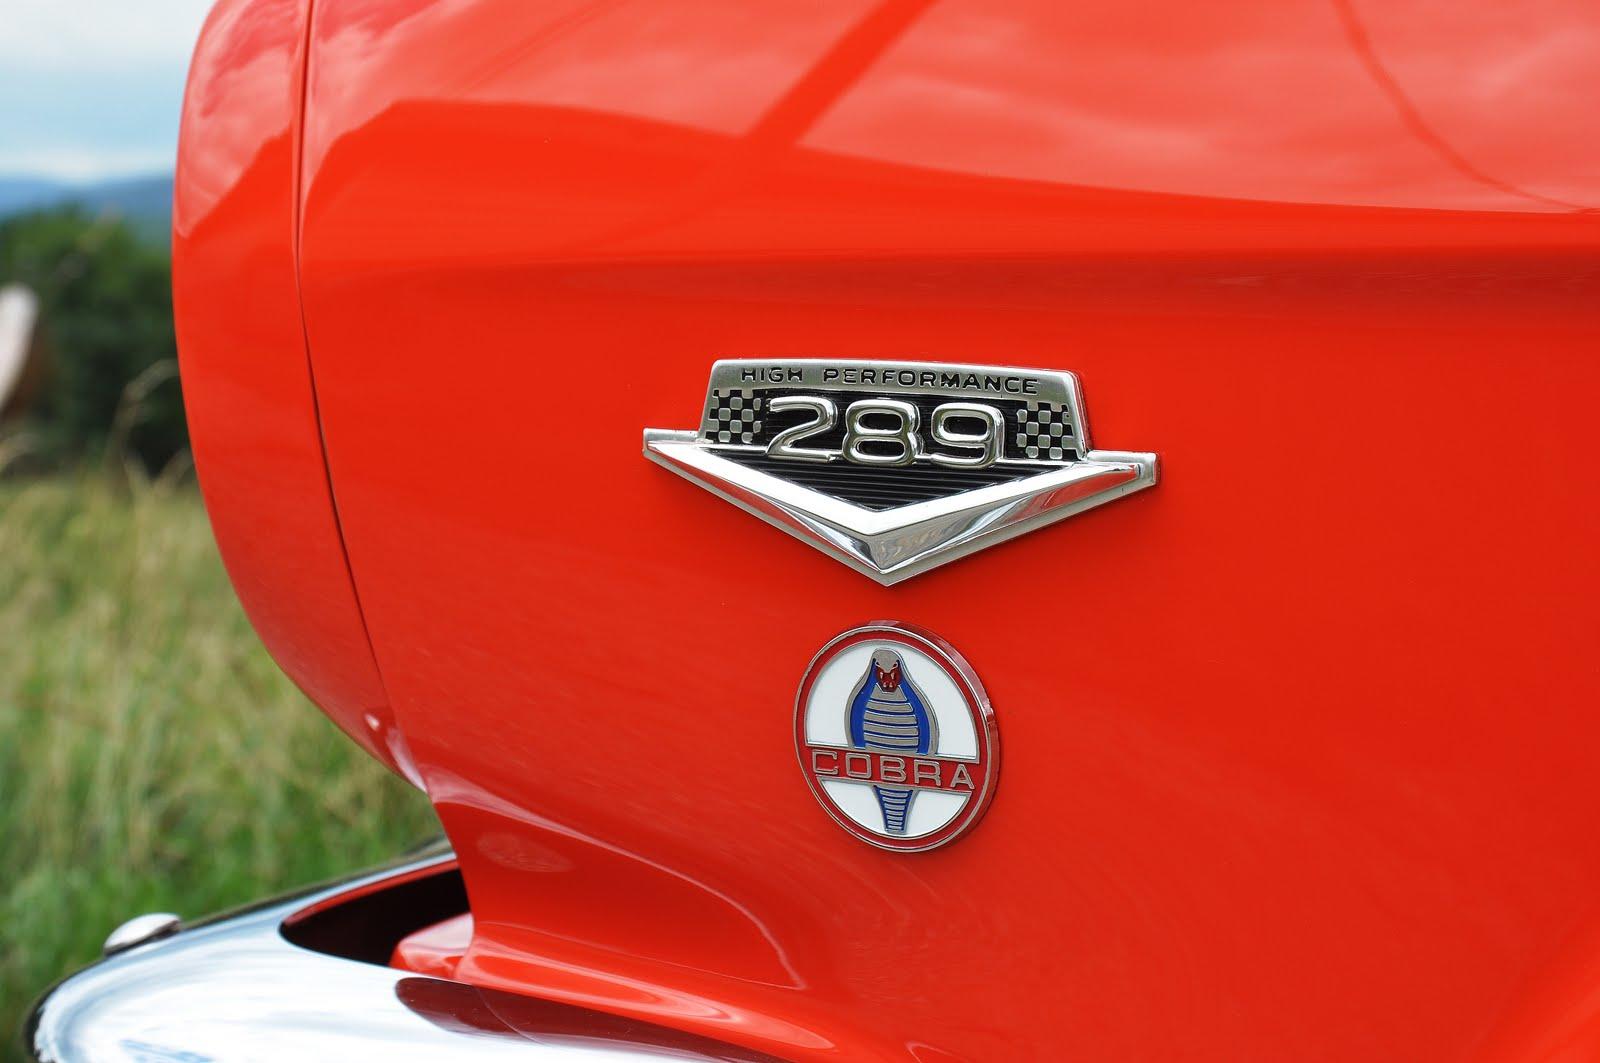 Mustang cobra emblem